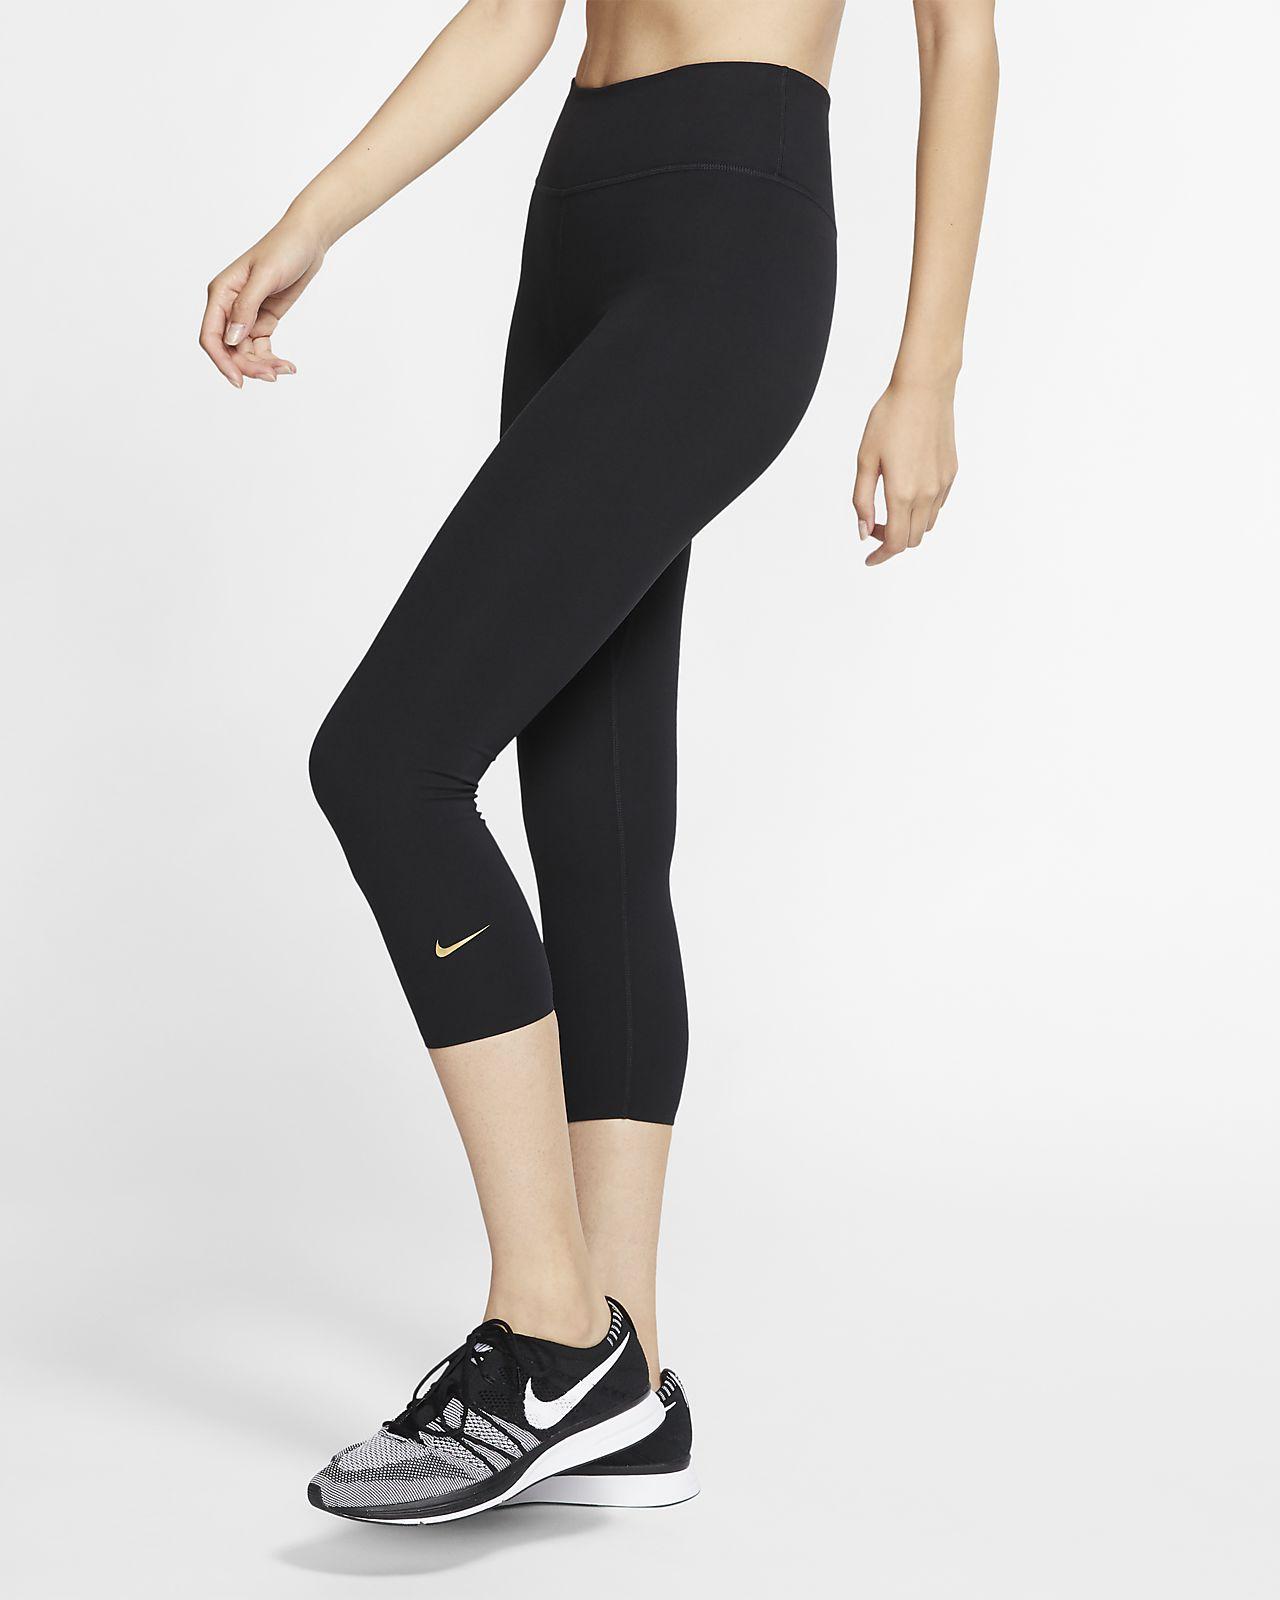 Damskie spodnie 3/4 ze średnim stanem Nike One Luxe